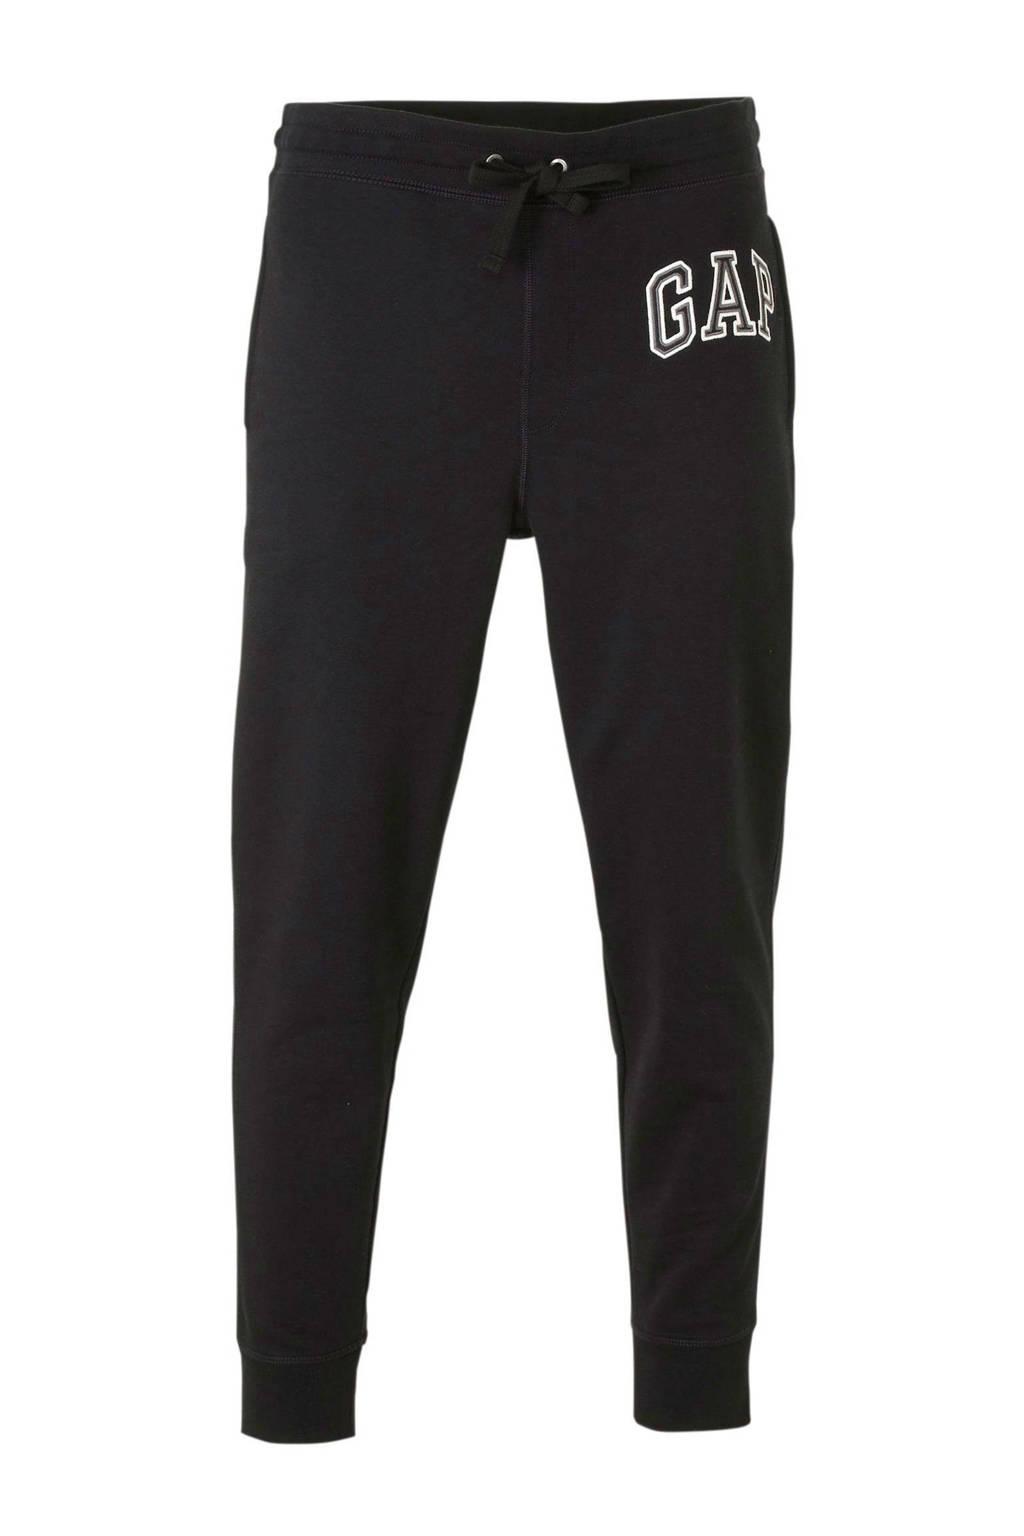 GAP regular fit joggingbroek met logo zwart, Zwart